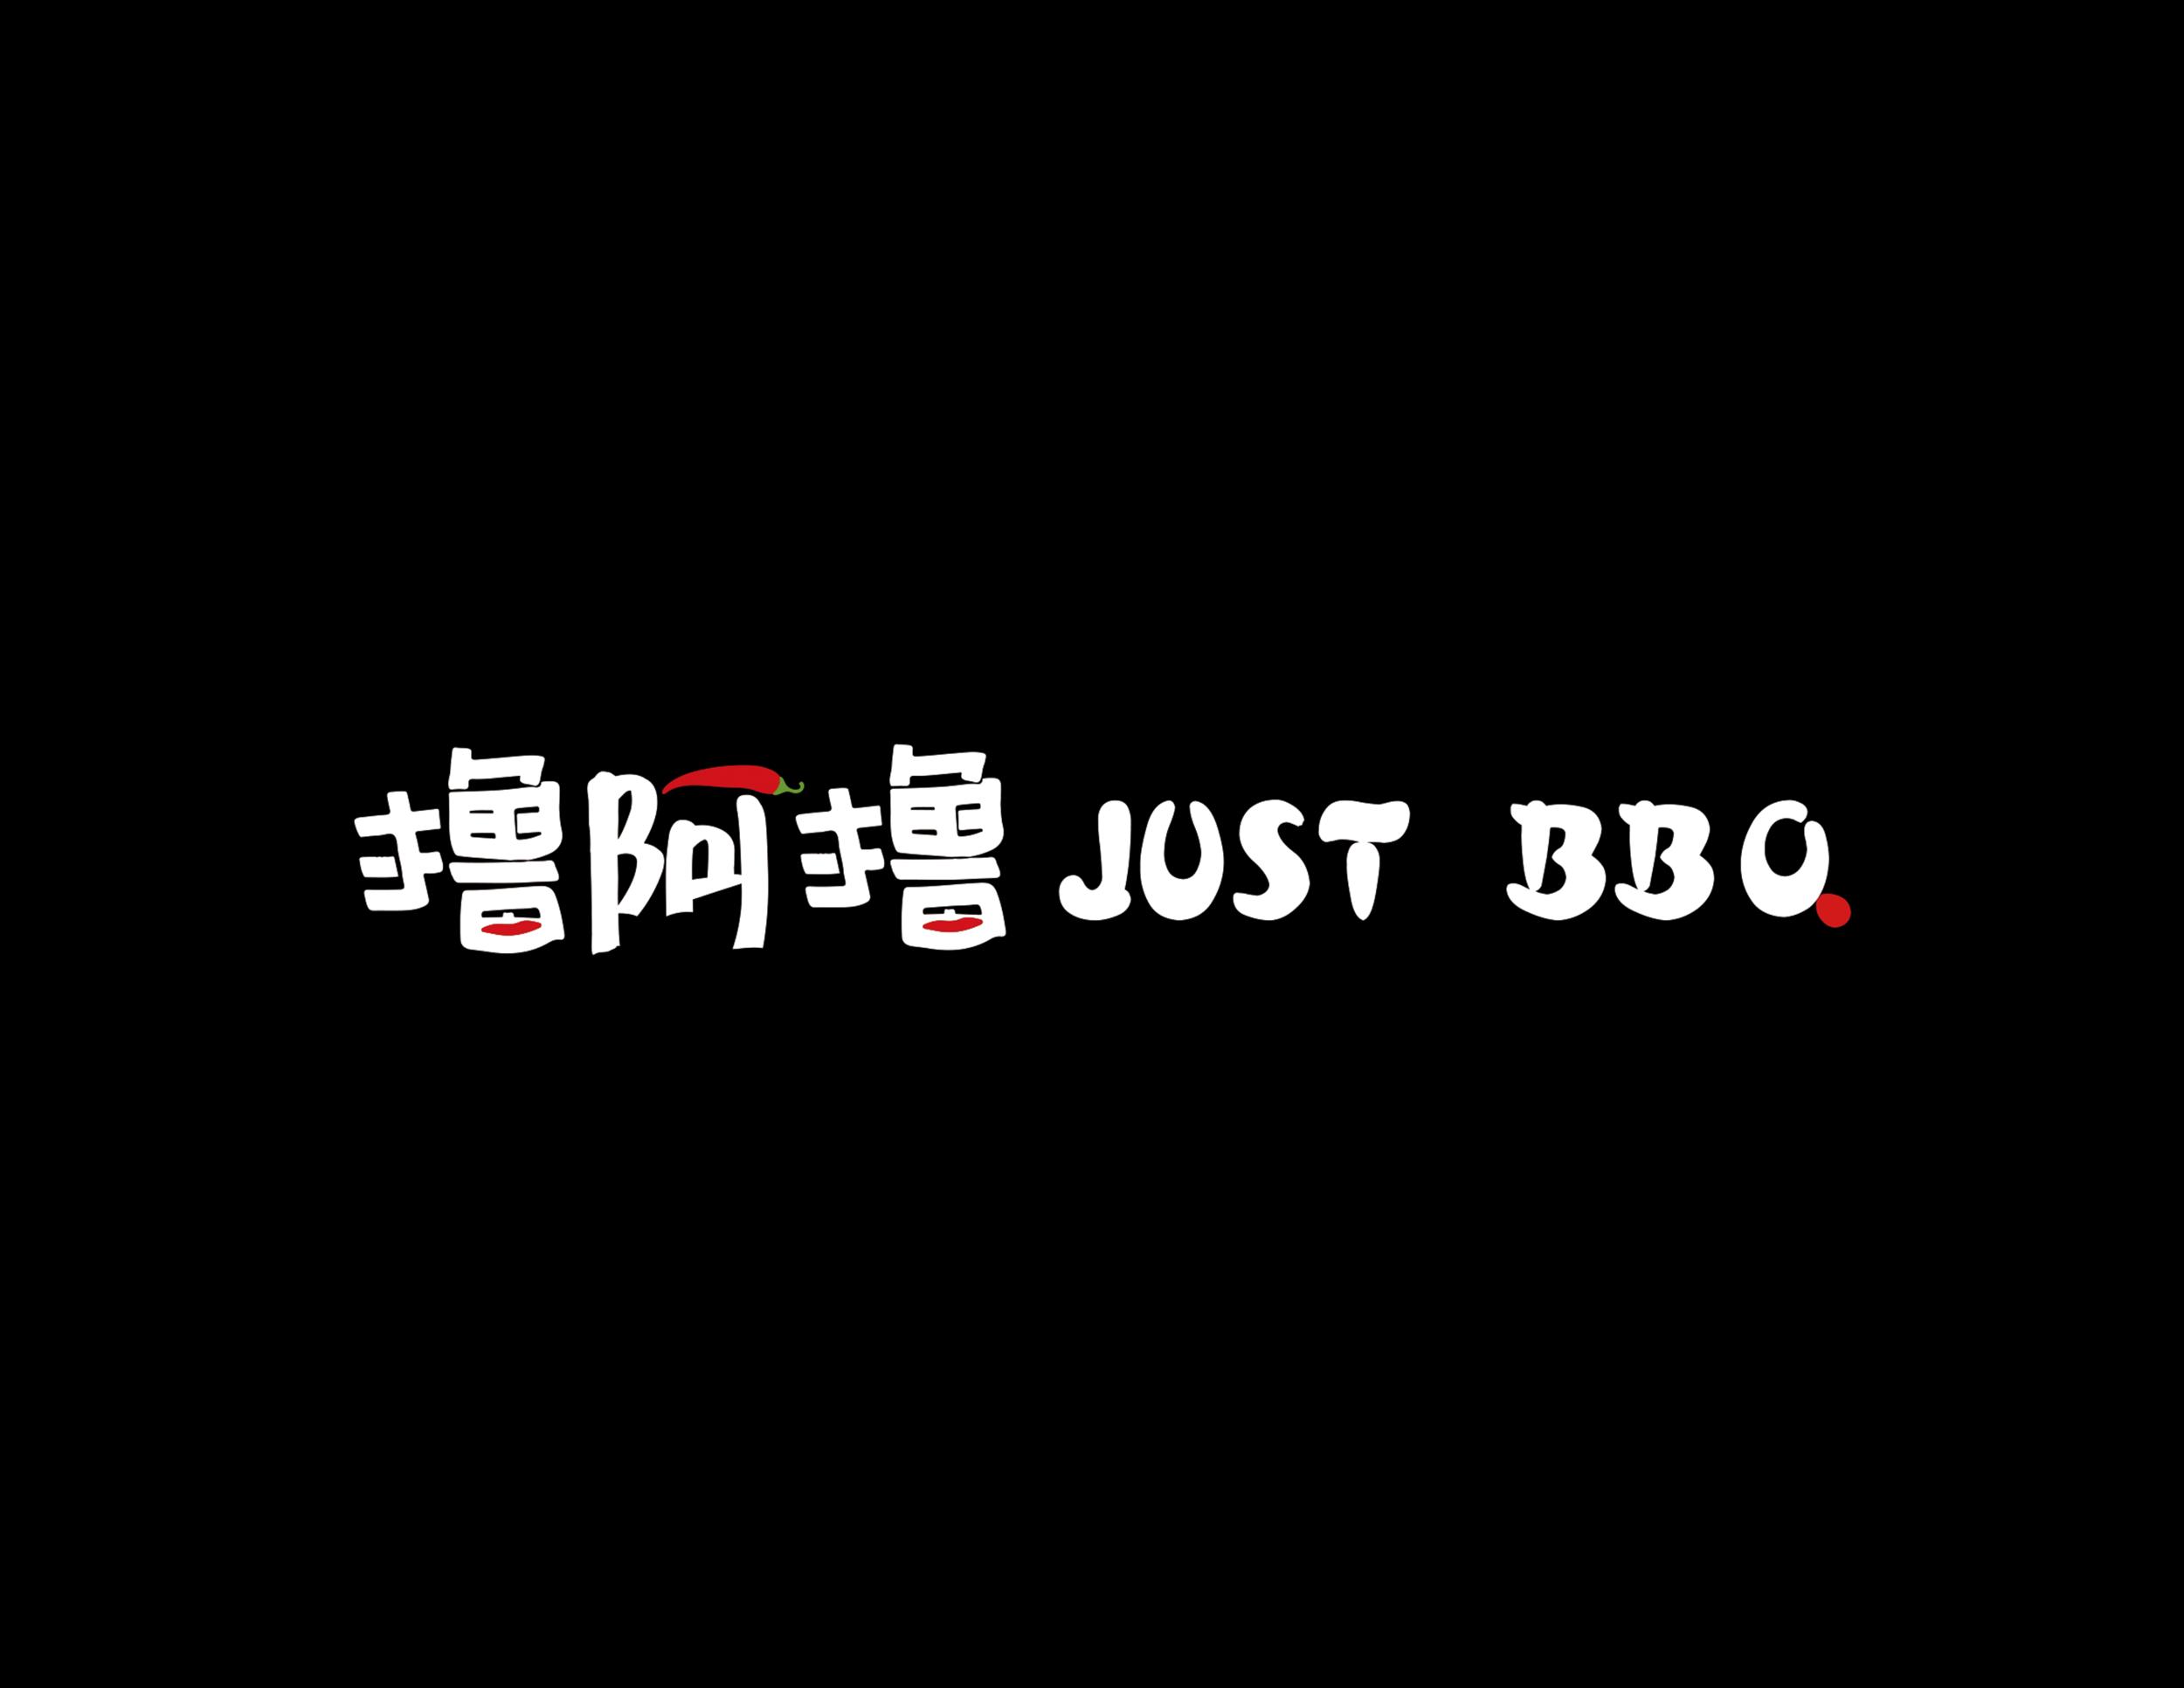 justbbqlogo1.png